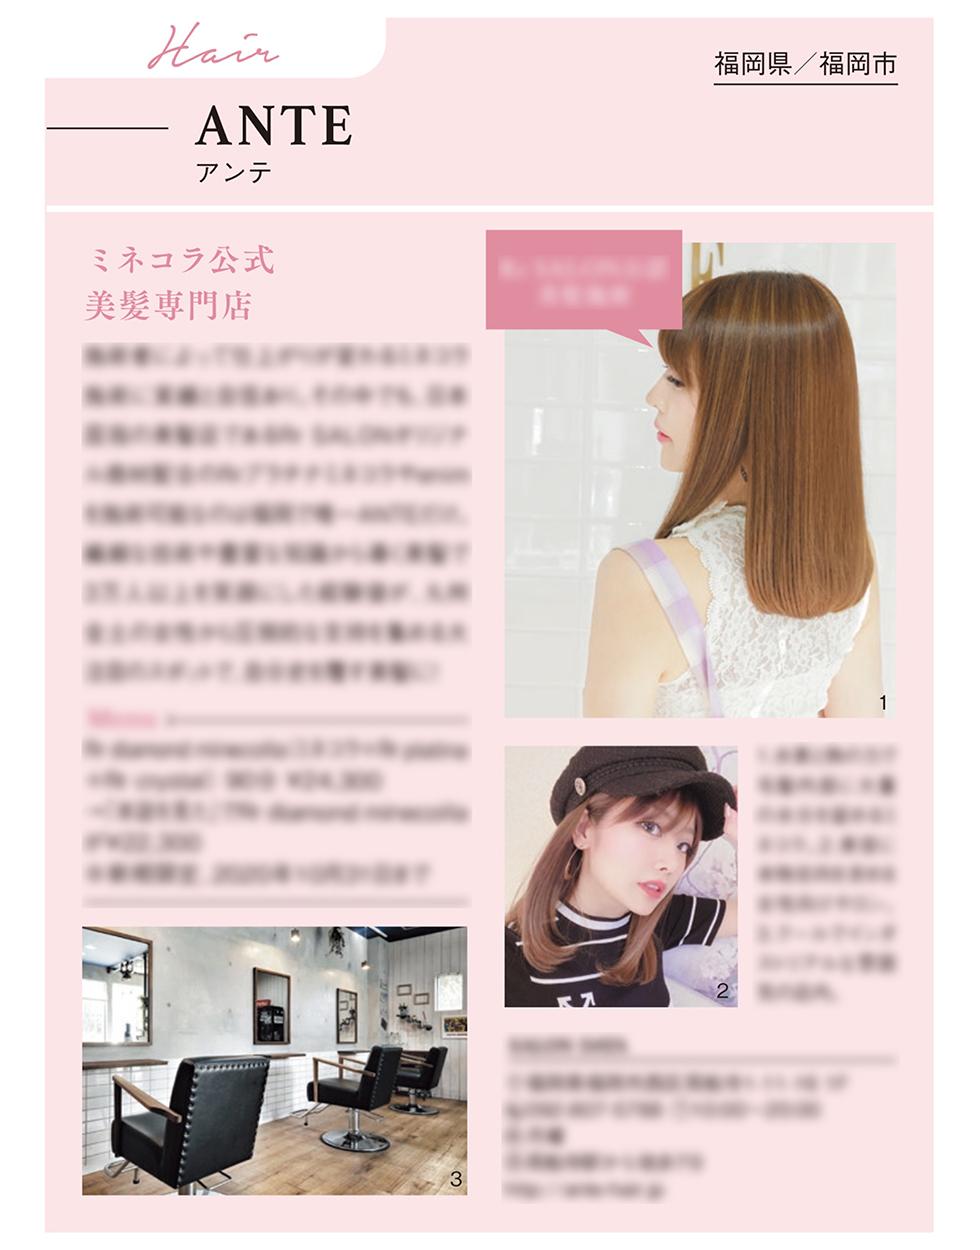 sweet9月号に掲載されました。